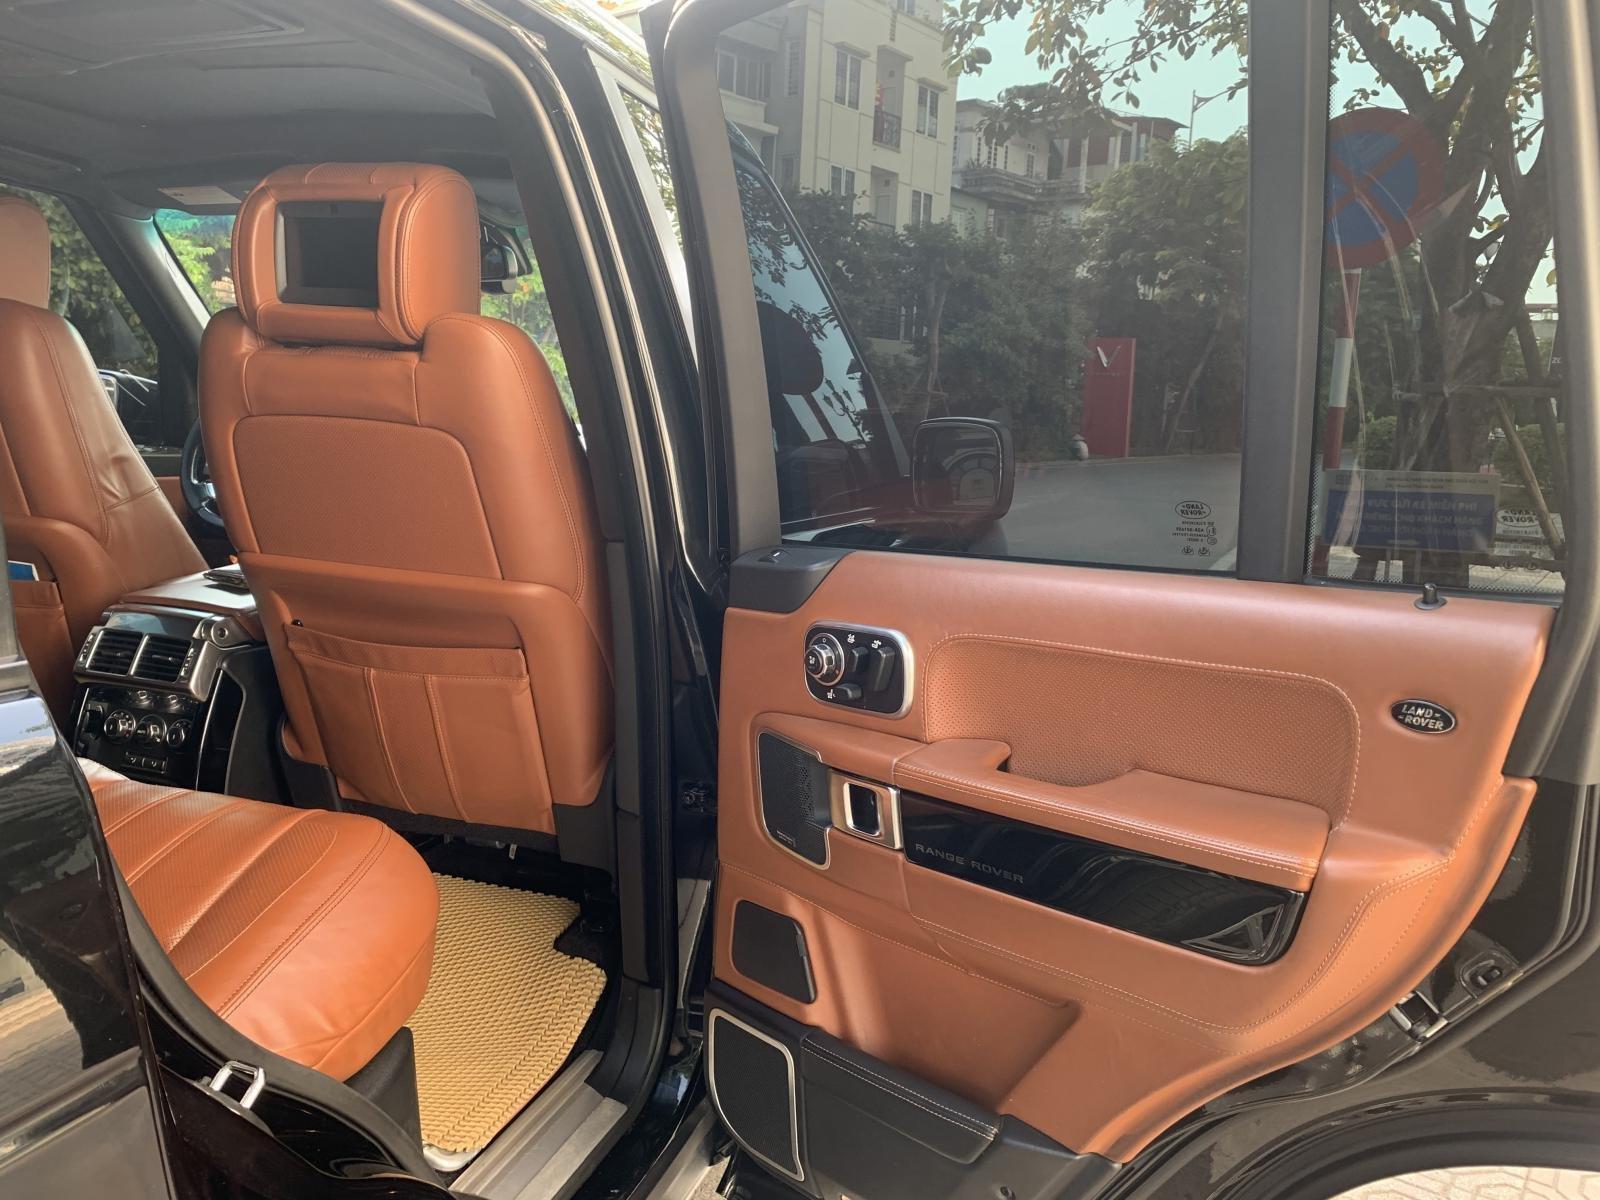 Bán LandRover Range Rover Autobiography 5.0 sản xuất năm 2012, màu đen, nhập khẩu nguyên chiếc (4)